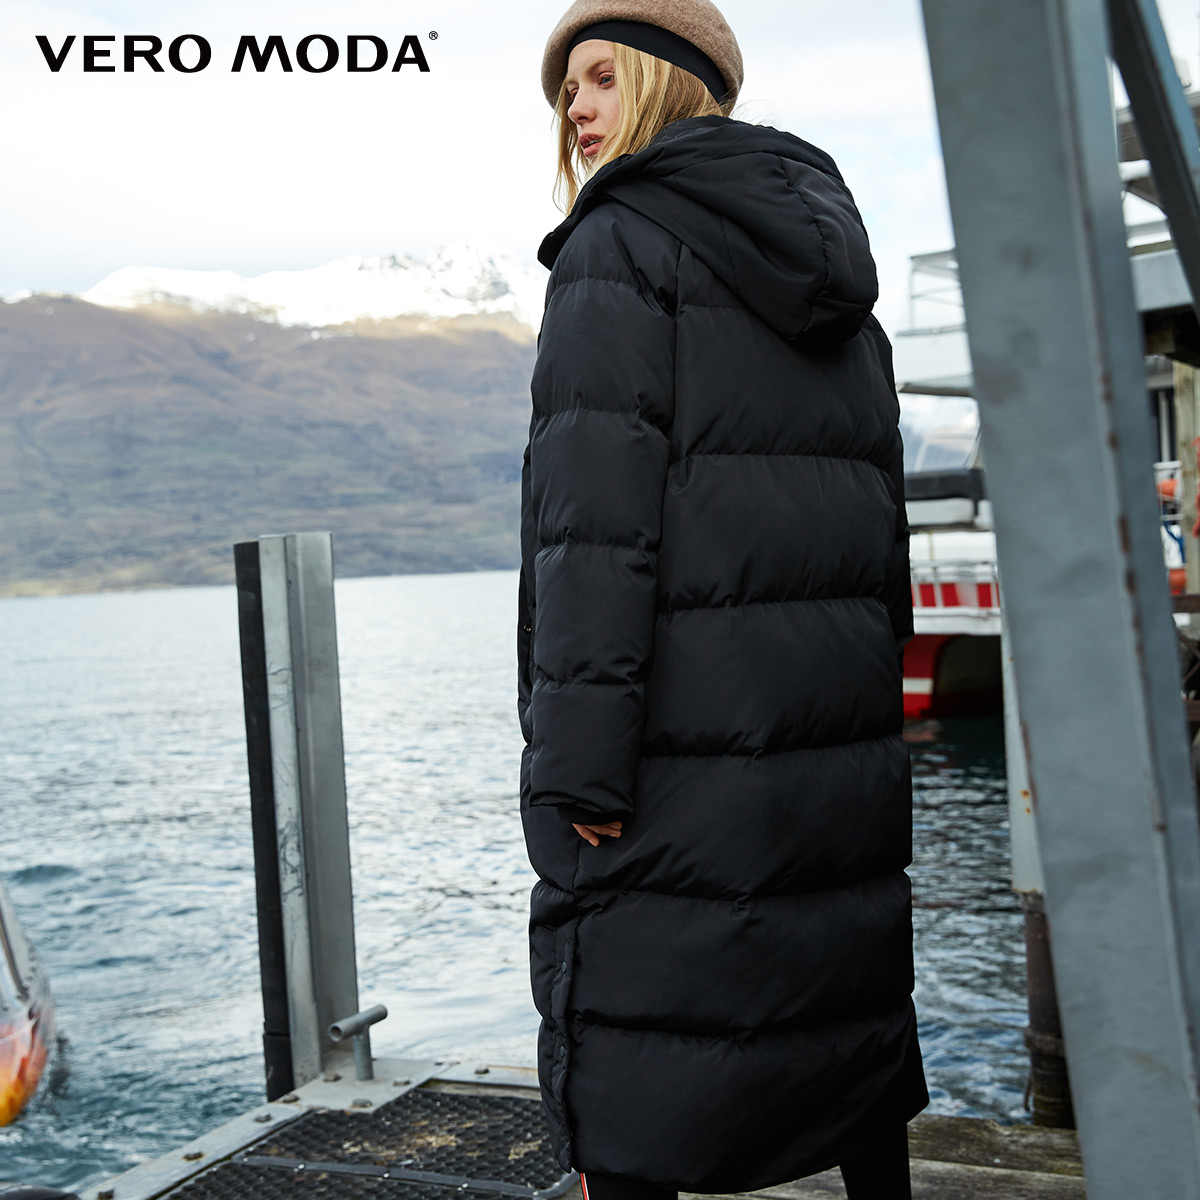 Vero Moda 2019 новый пуховик пуховик женский женский парка женская зимняя куртка для женщин длинный пуховик с капюшоном | 318412527